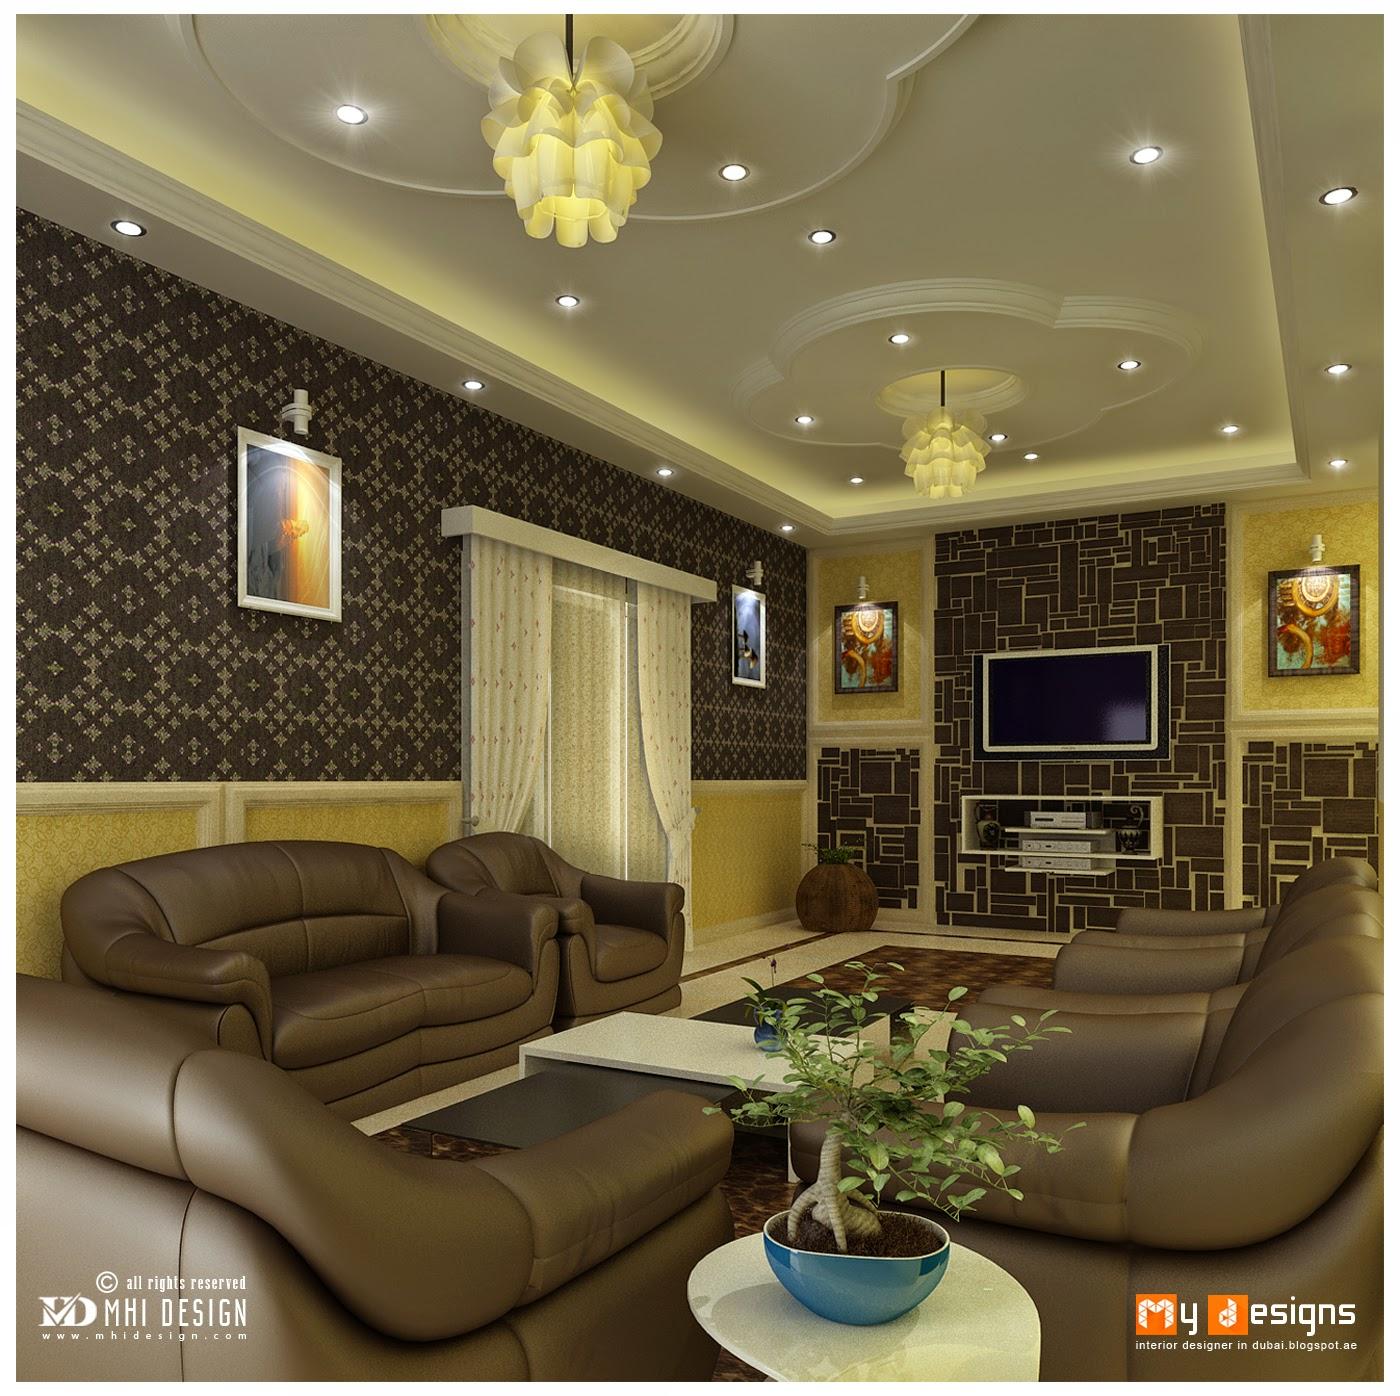 Office interior designs in dubai interior designer in for Living room ideas dubai